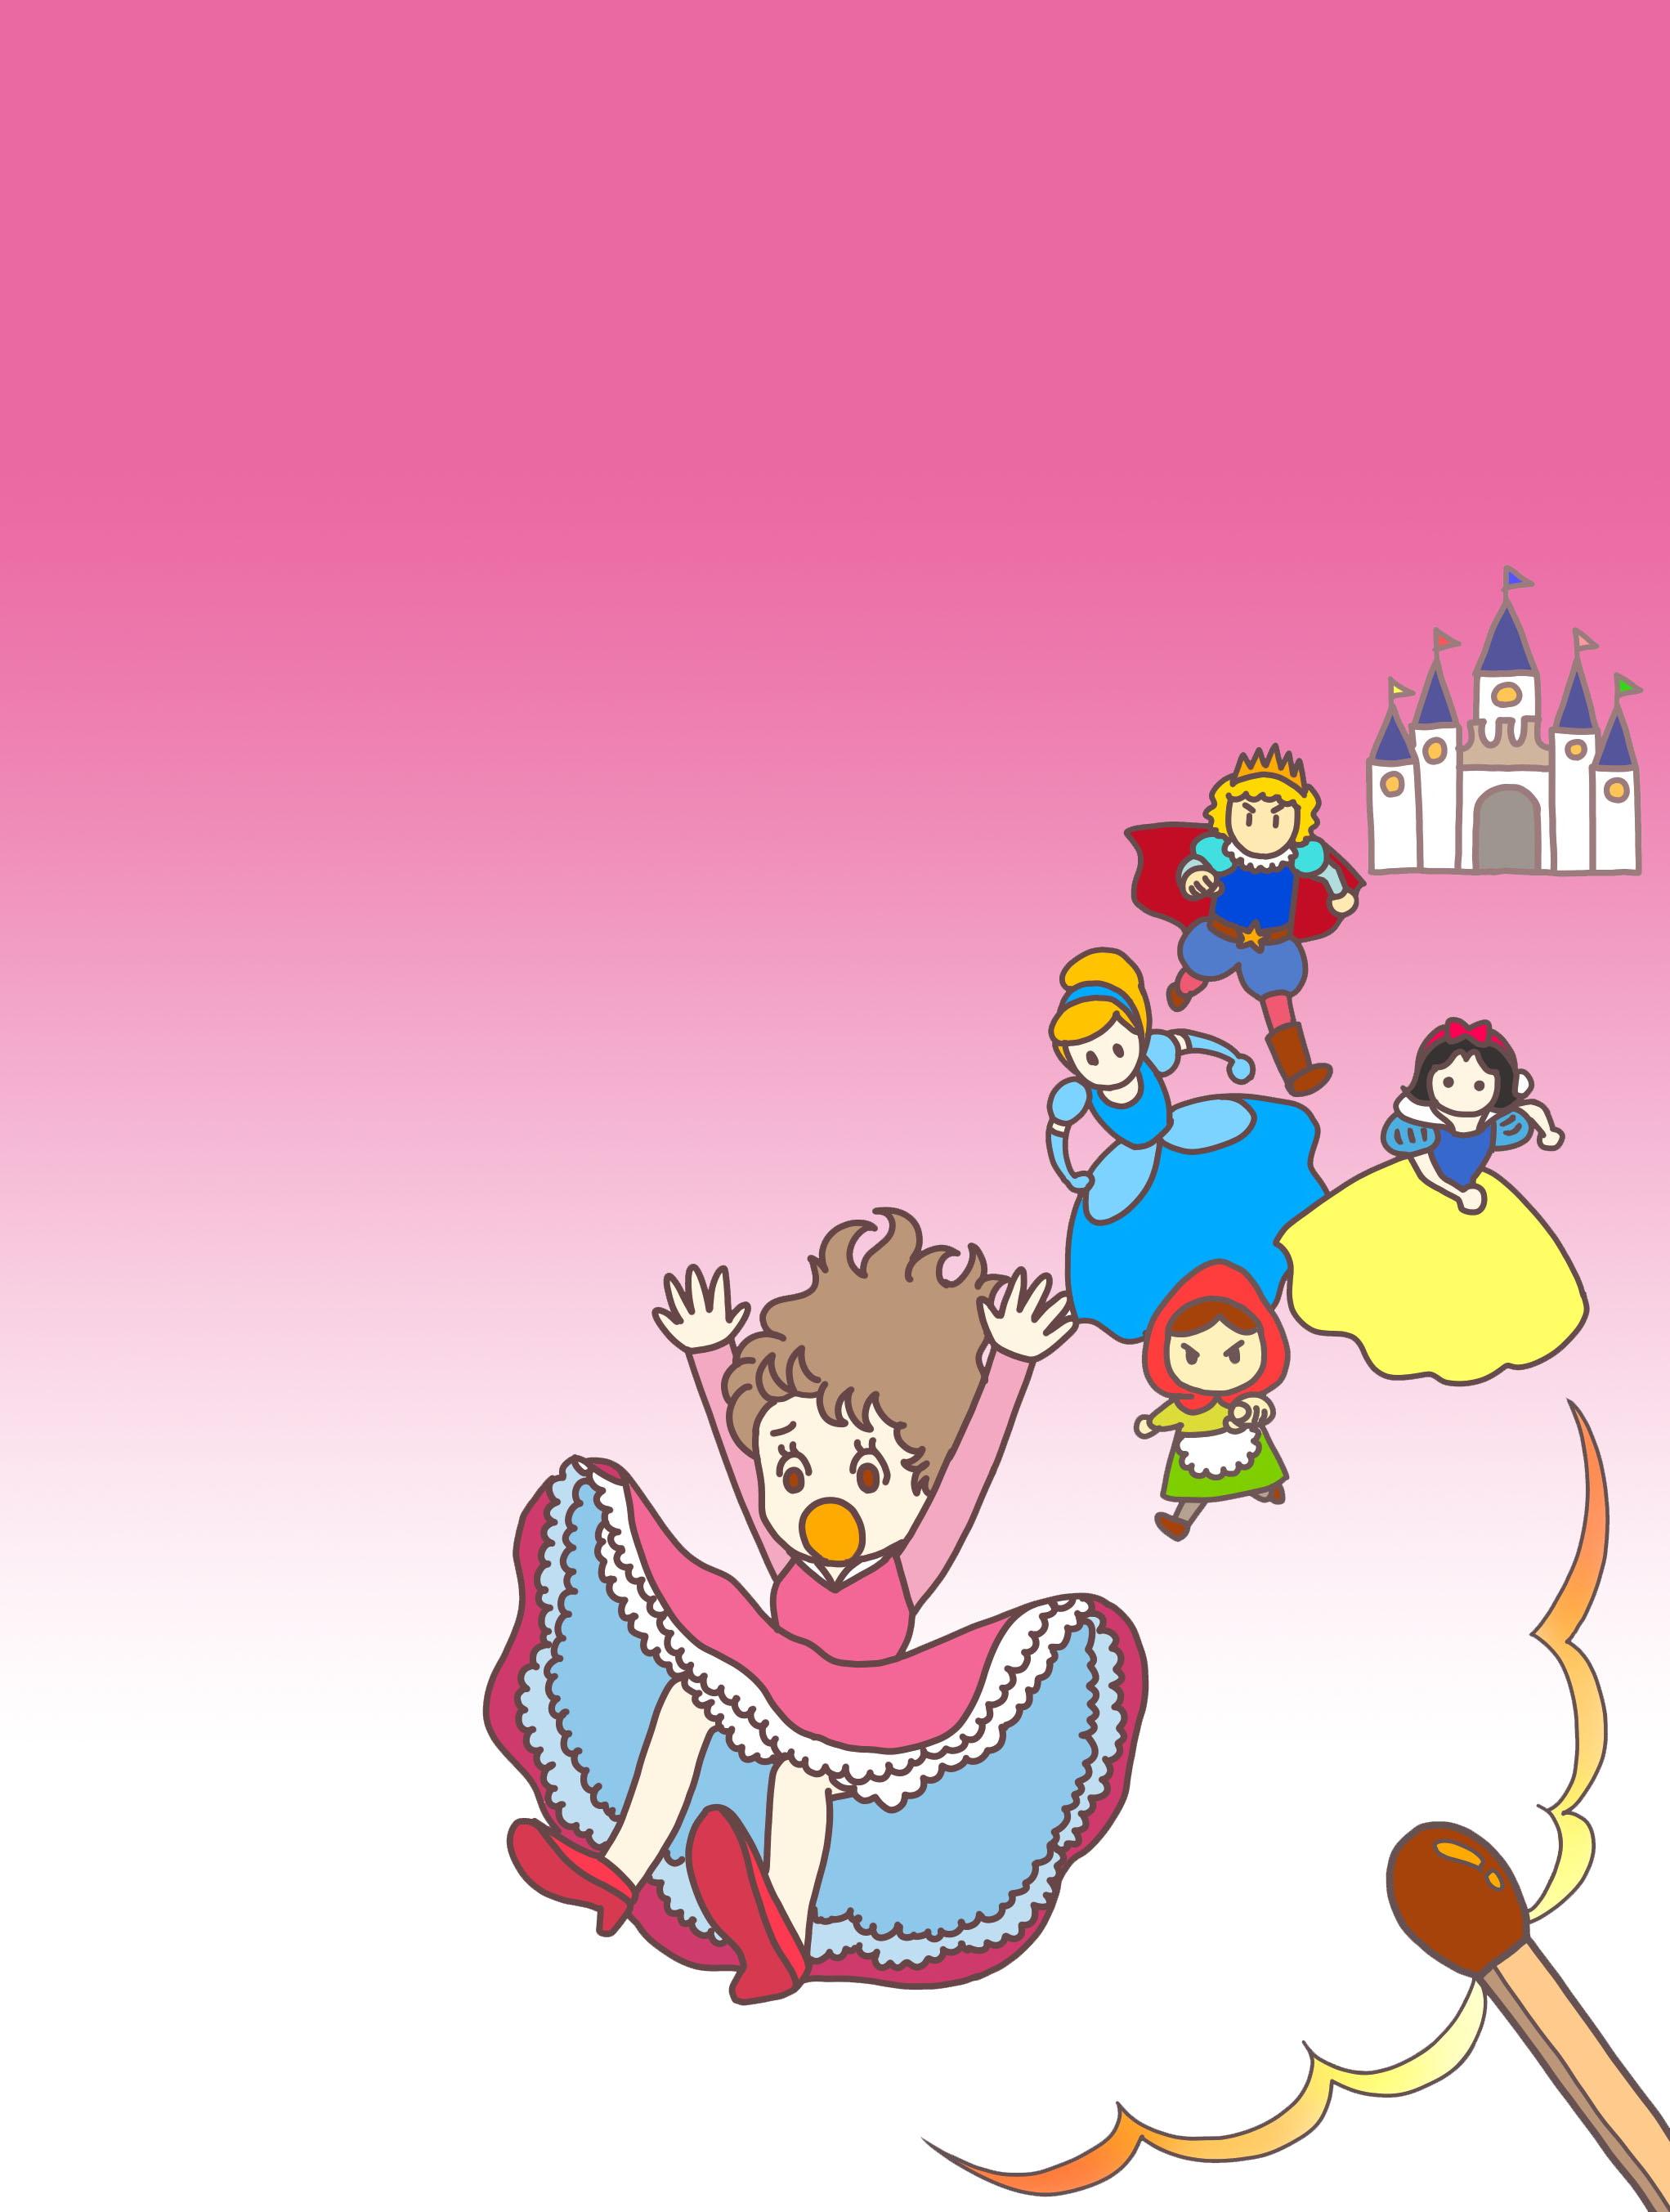 オーディション 4月朗読劇「アリスと魔法のマッチ」出演者募集 おジャ魔女どれみの声優、千葉千恵巳さん演出による朗読劇 主催:株式会社清月エンターテイメント、カテゴリ:舞台